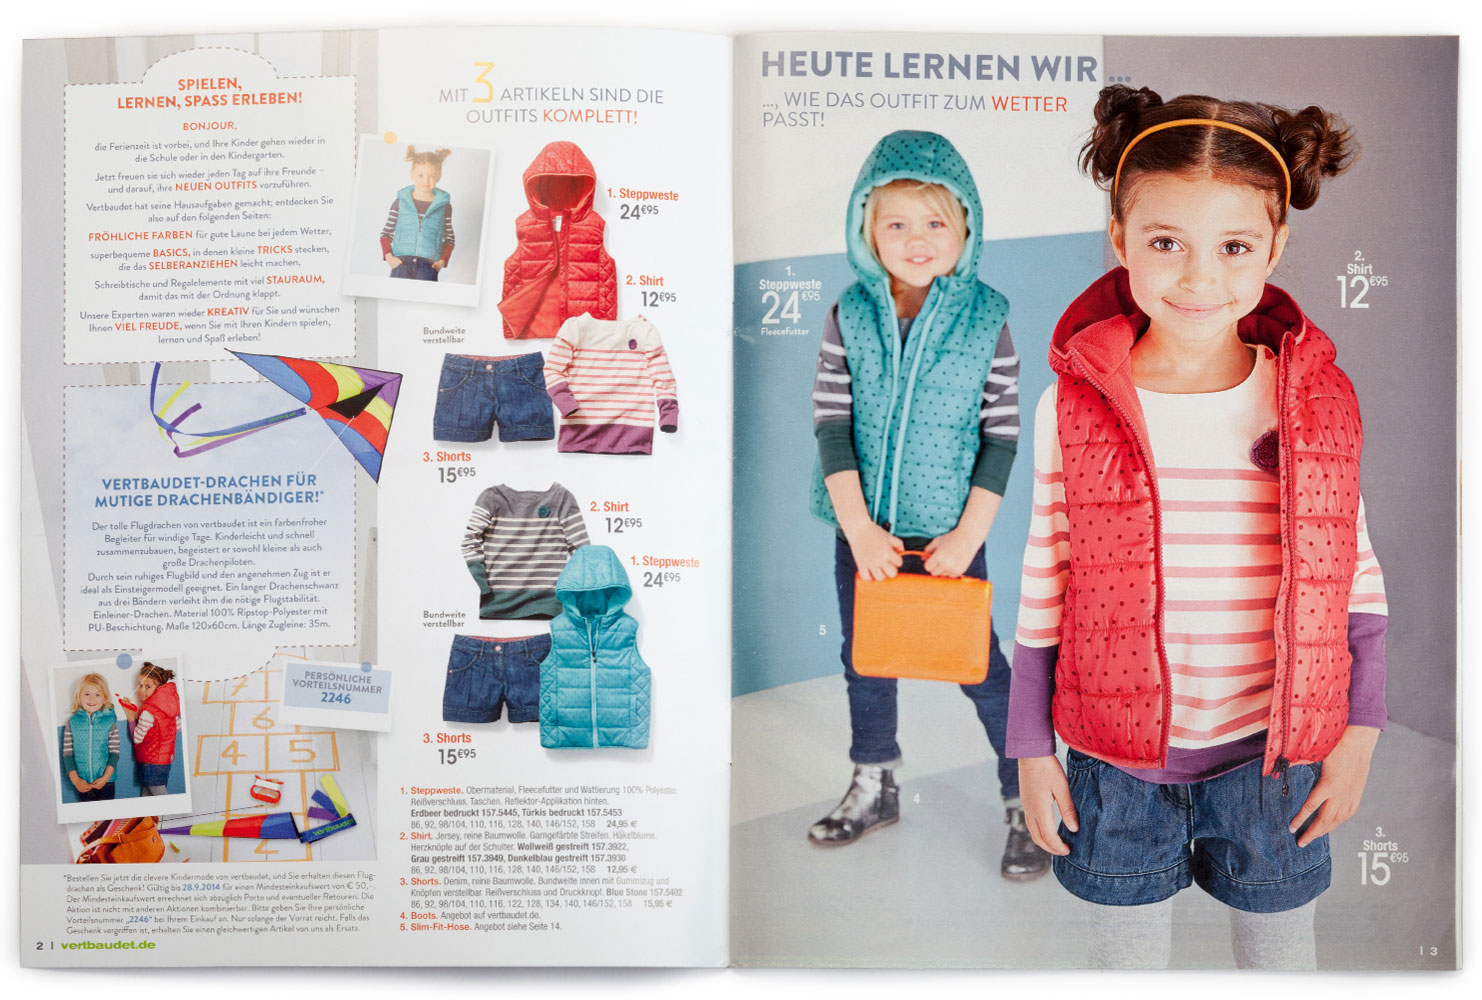 vertbaudet Katalog Kleidung 2014/15 2 Seite 2